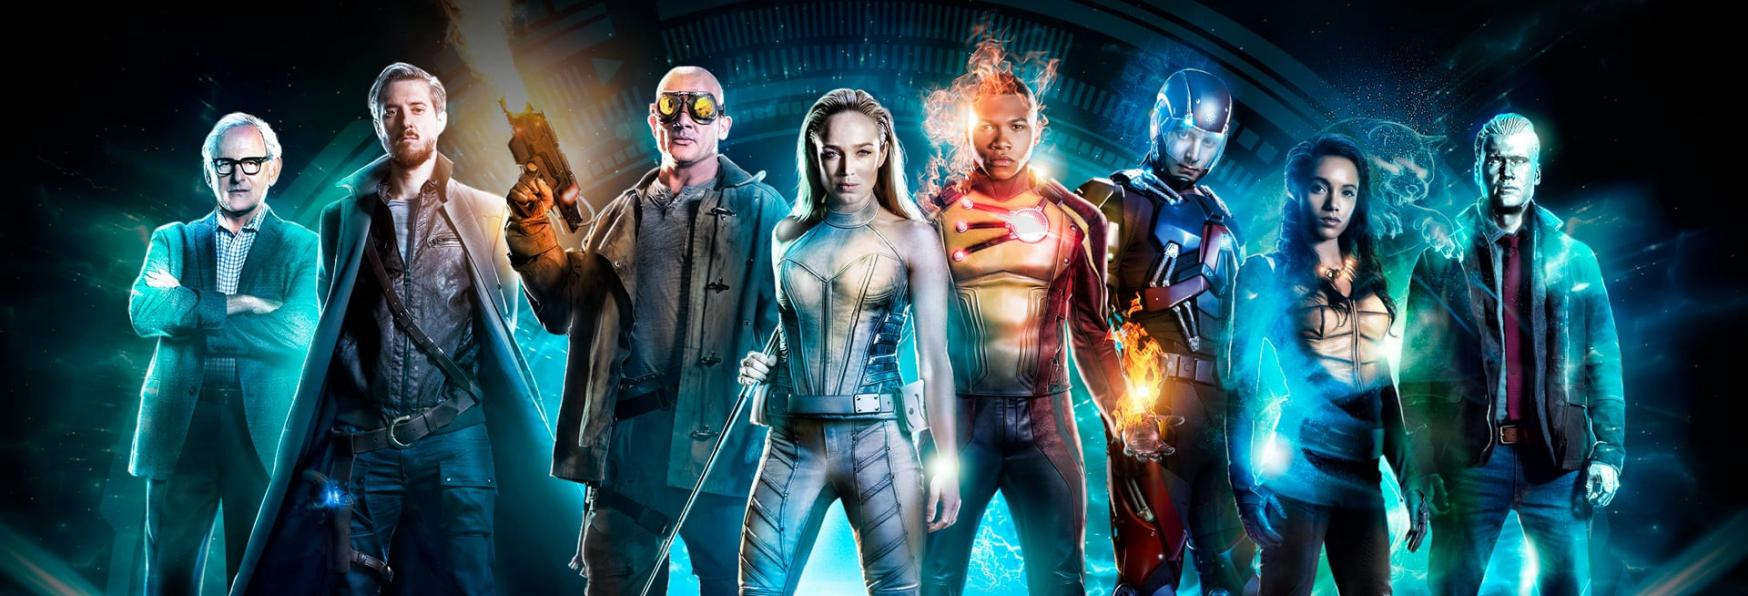 Legends of Tomorrow 6: un Personaggio non tornerà nella prossima Stagione